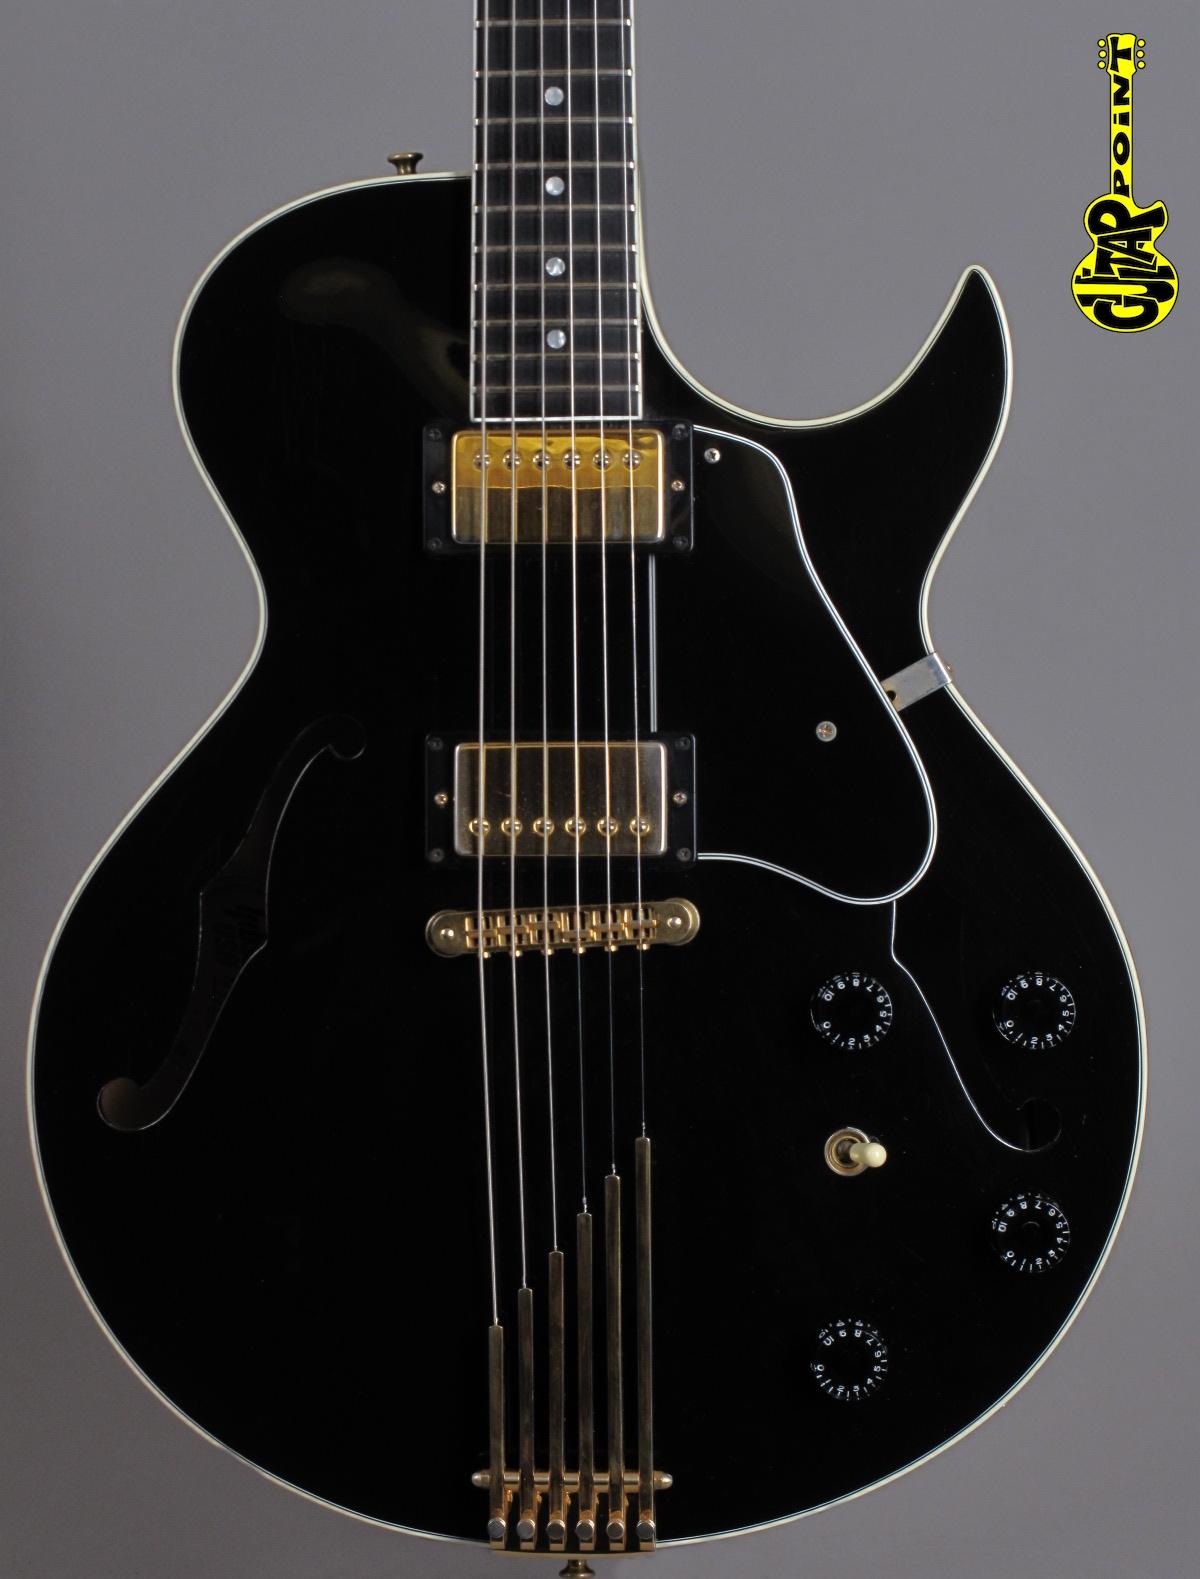 1997 Gibson Howard Roberts Fusion - Ebony